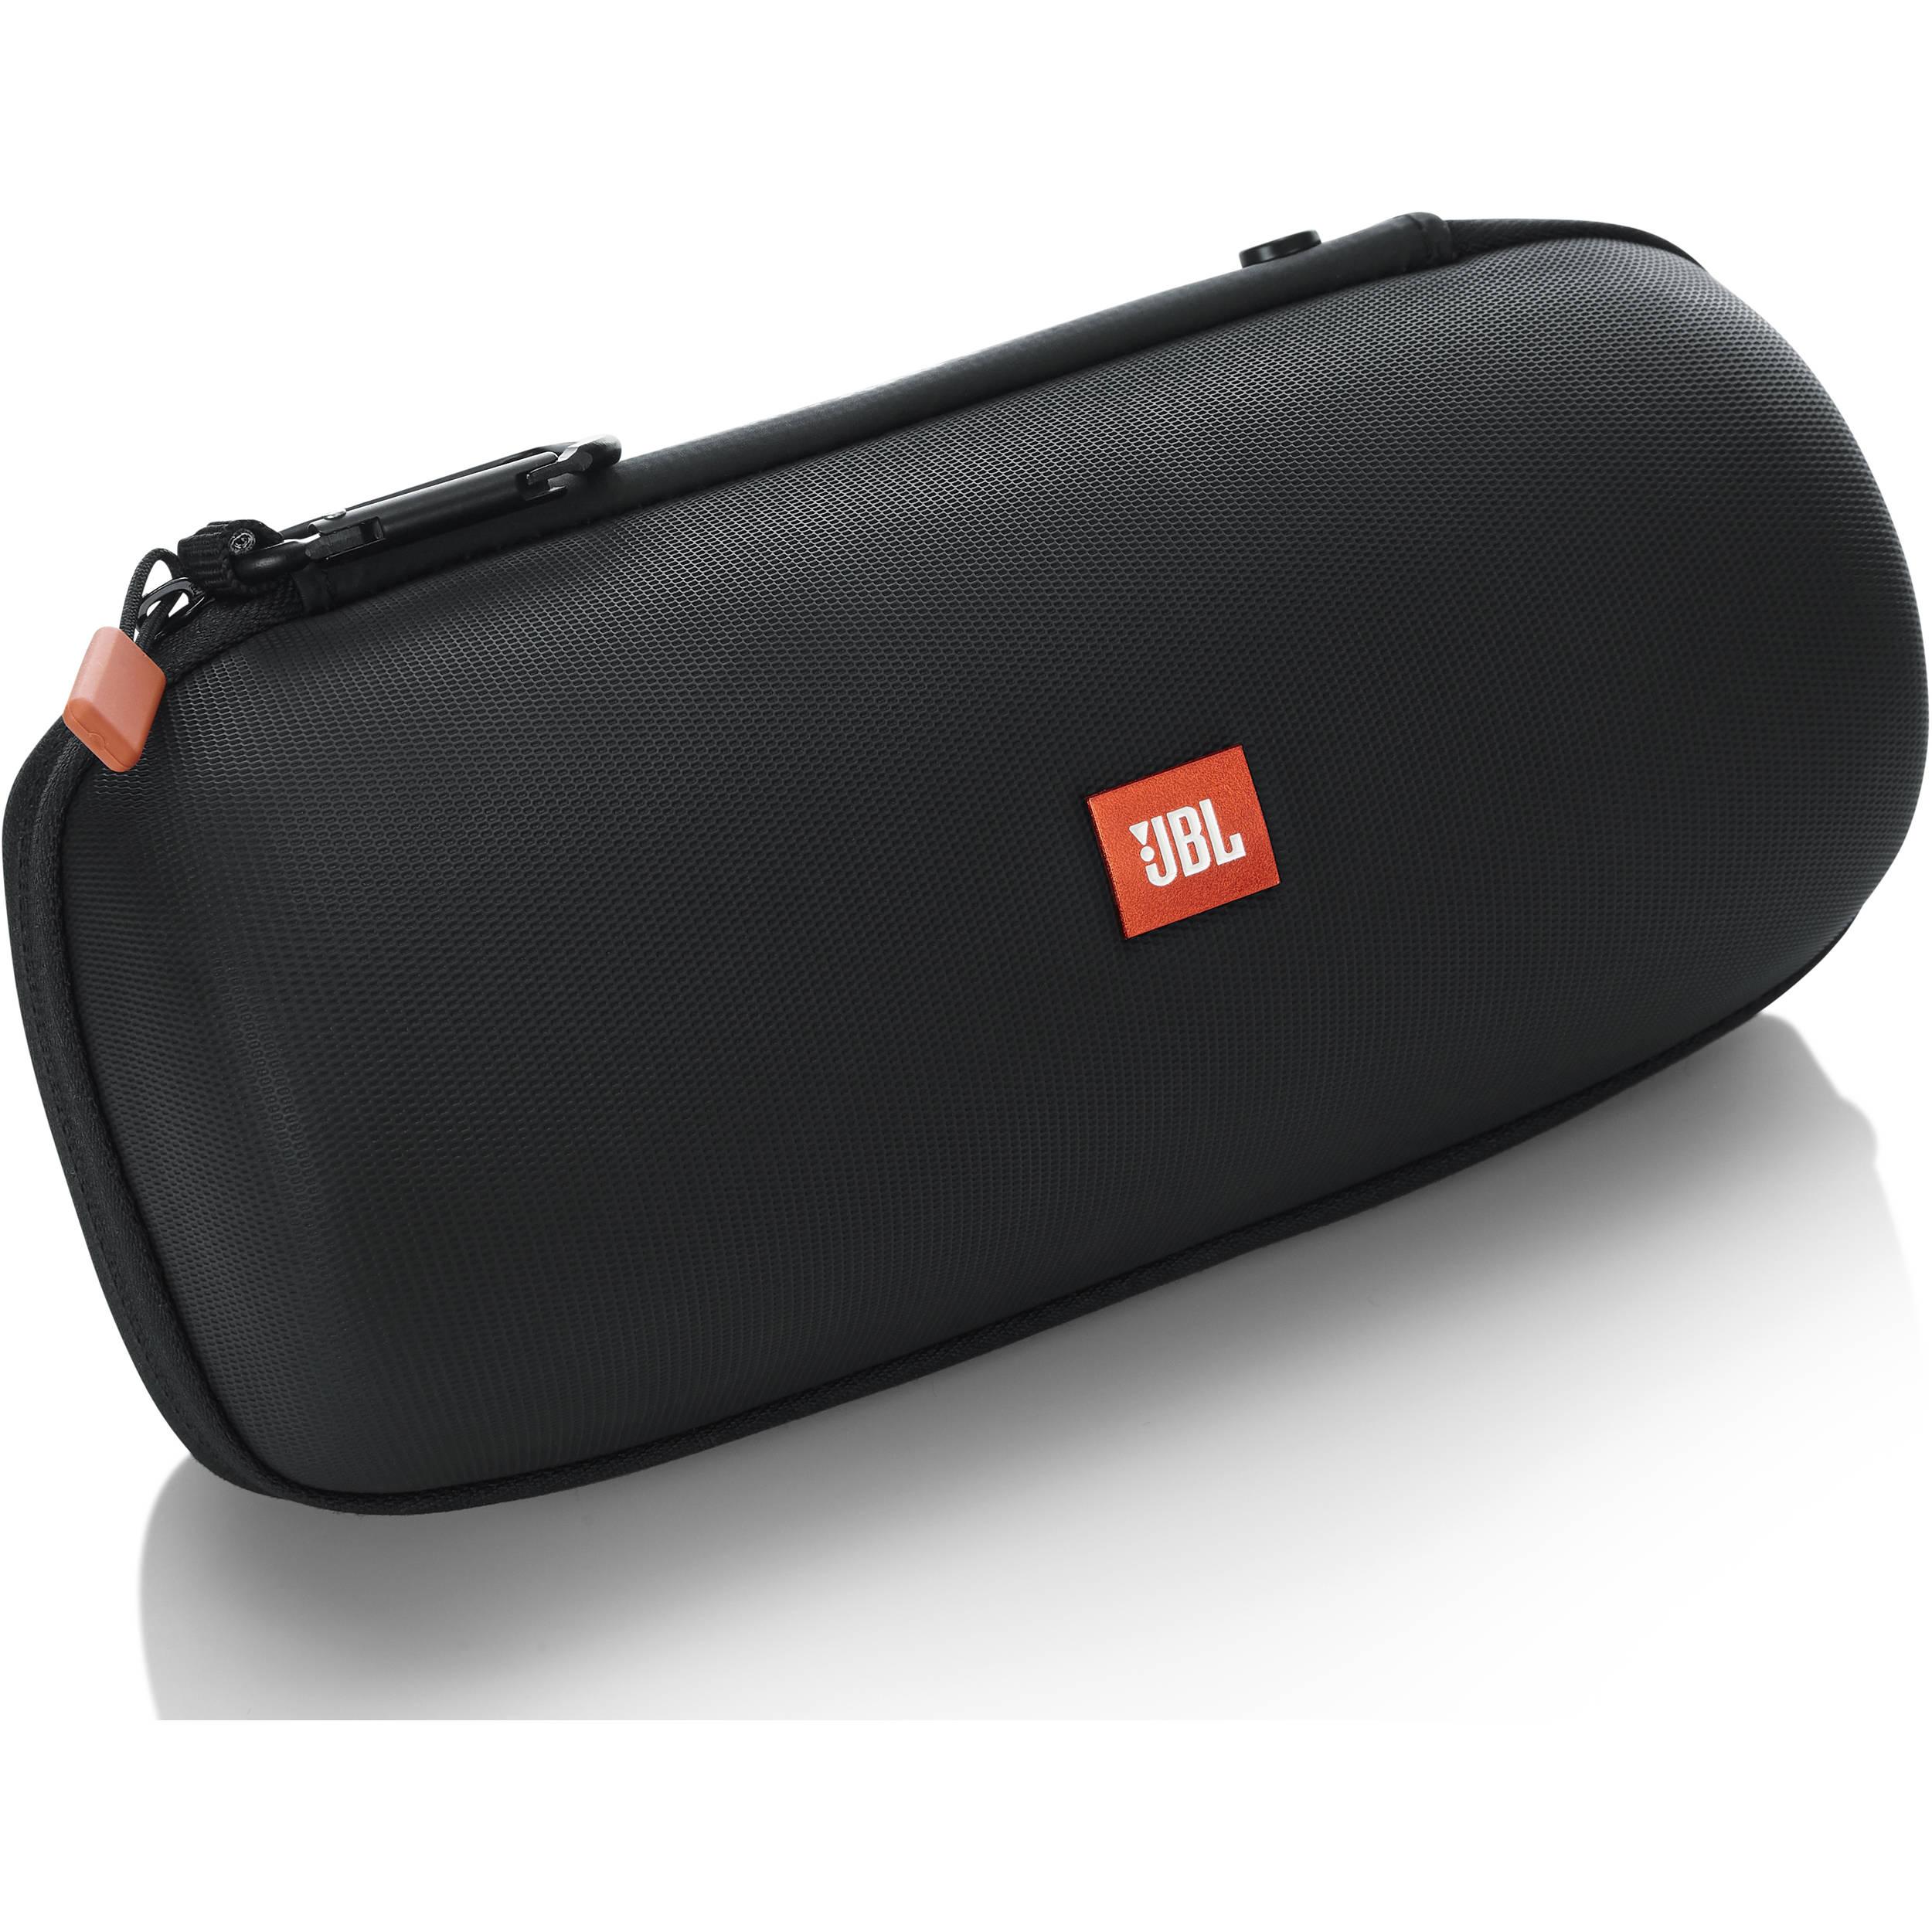 JBL Link 20 Bluetooth Speaker Carry Case